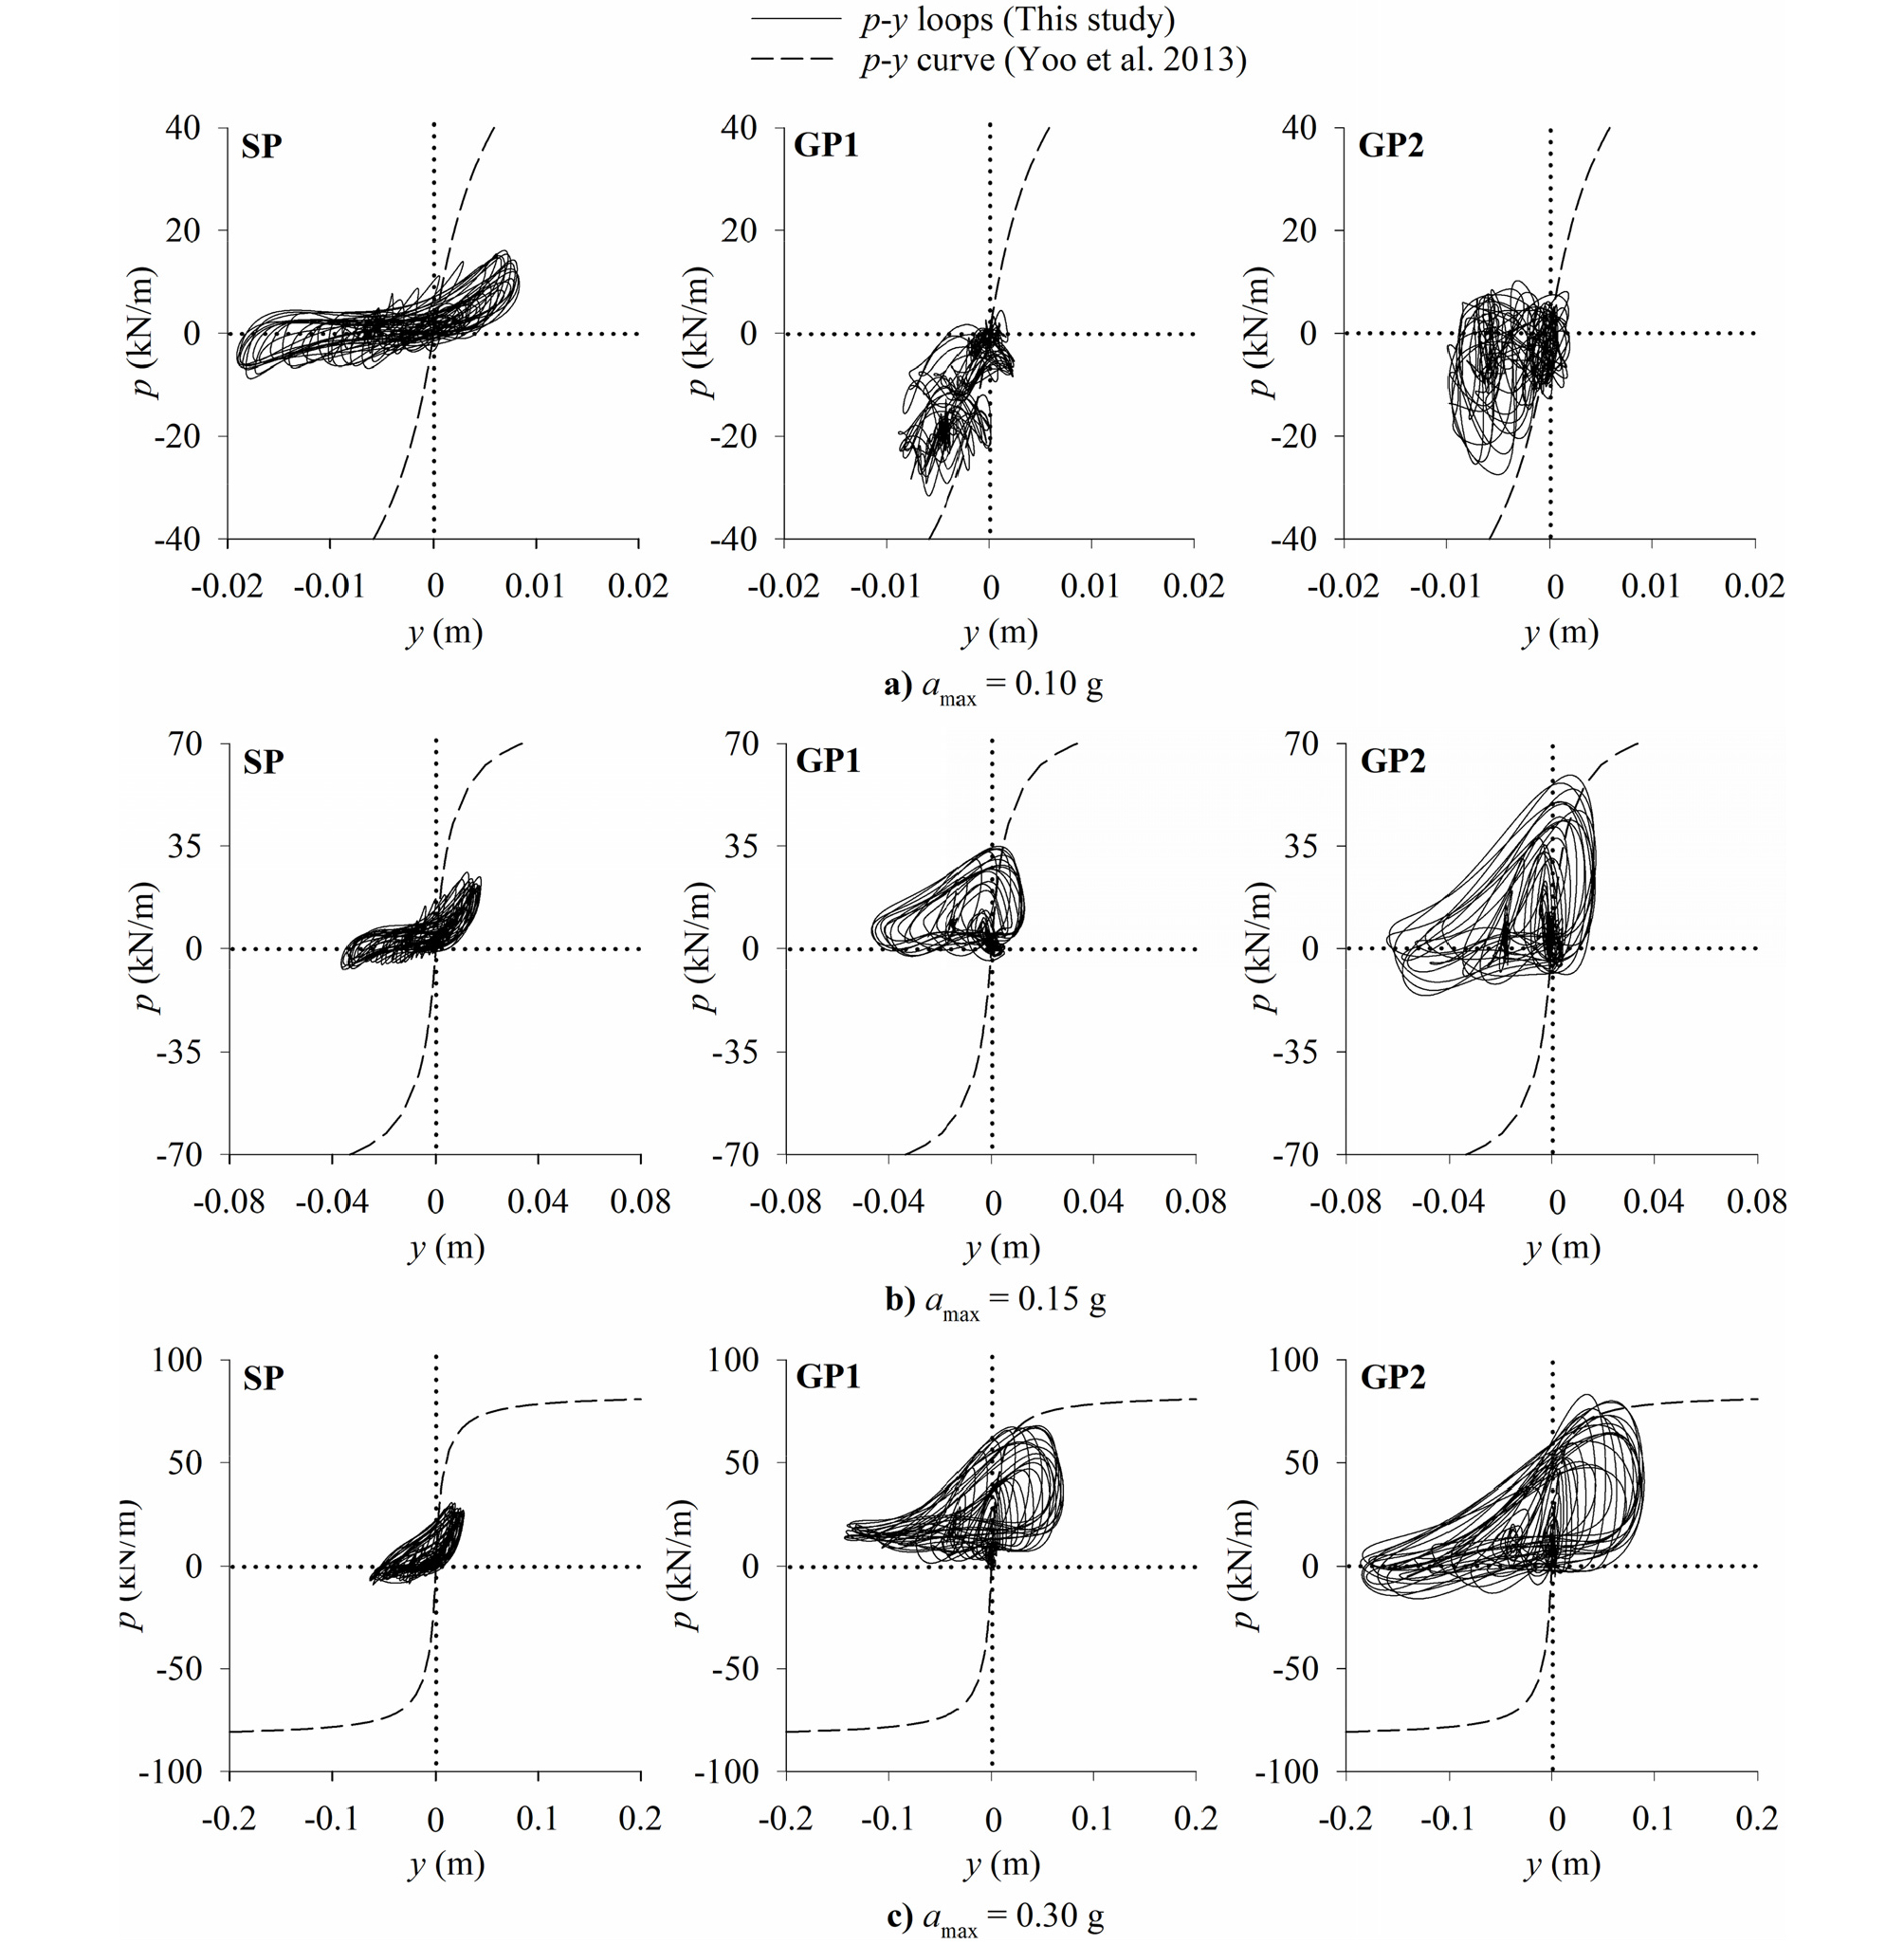 http://static.apub.kr/journalsite/sites/kgs/2020-036-01/N0990360101/images/kgs_36_01_01_F9.jpg